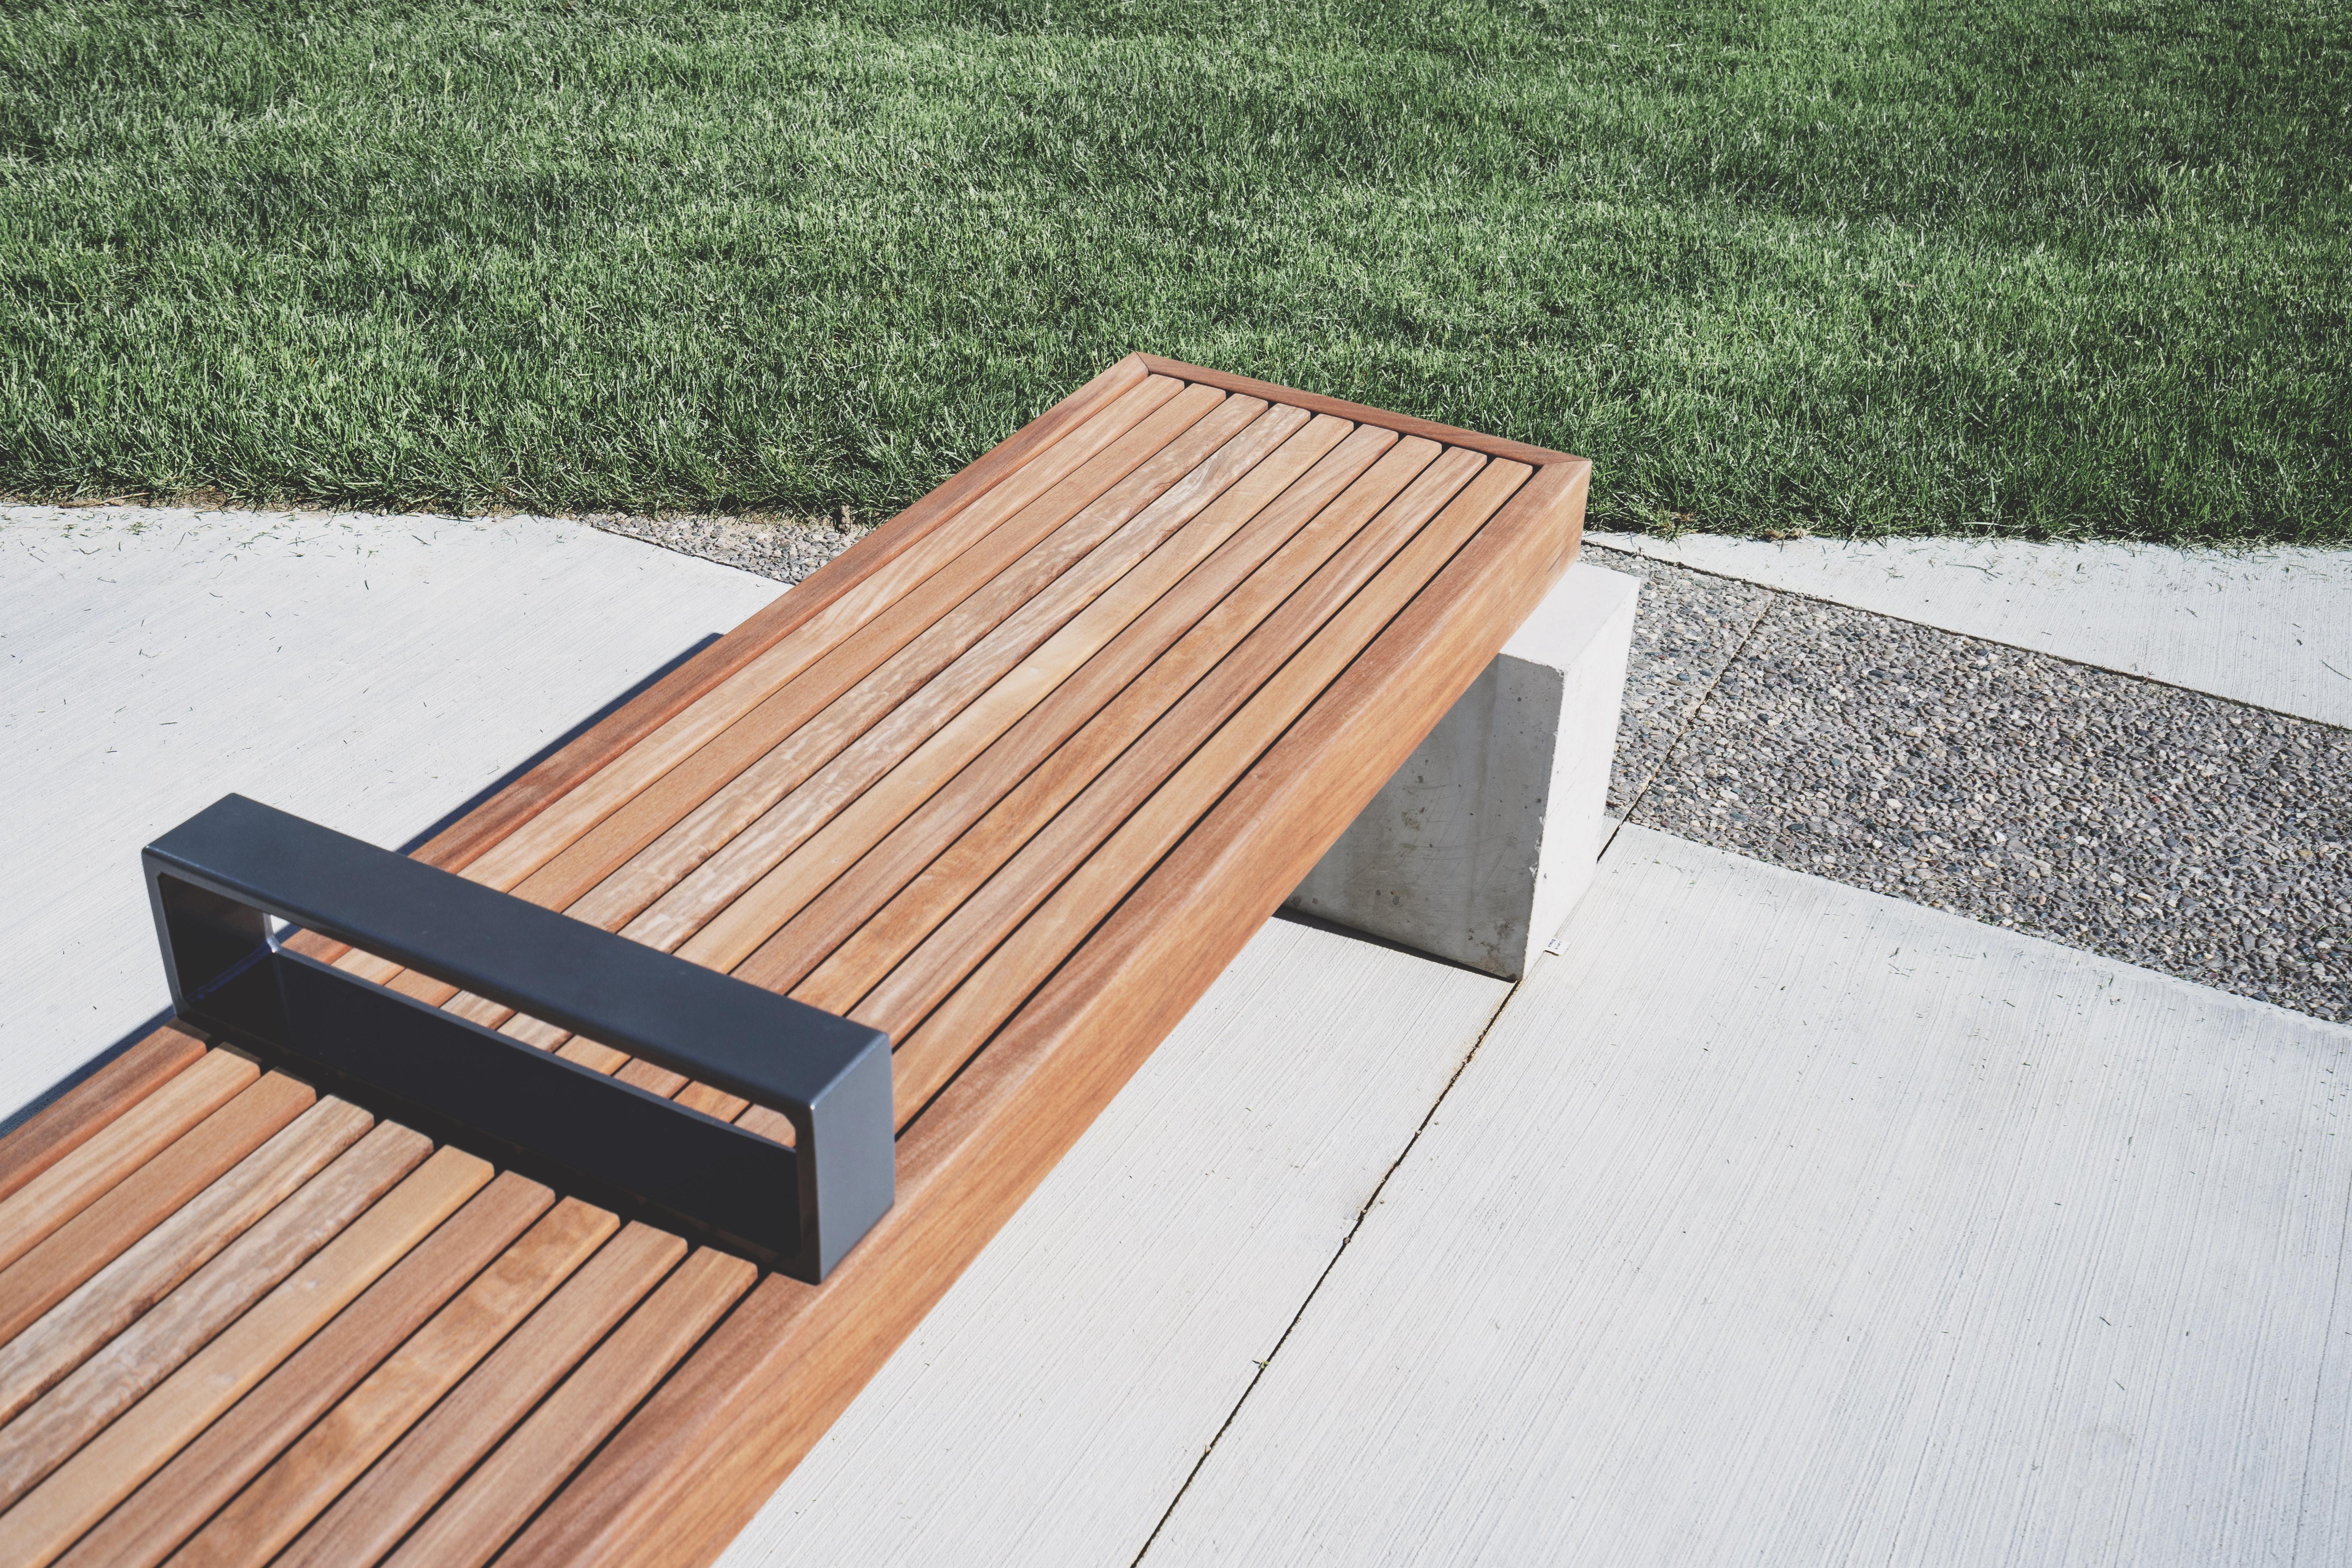 Fotos gratis : mesa, banco, piso, asiento, línea, maderas, hormigón ...